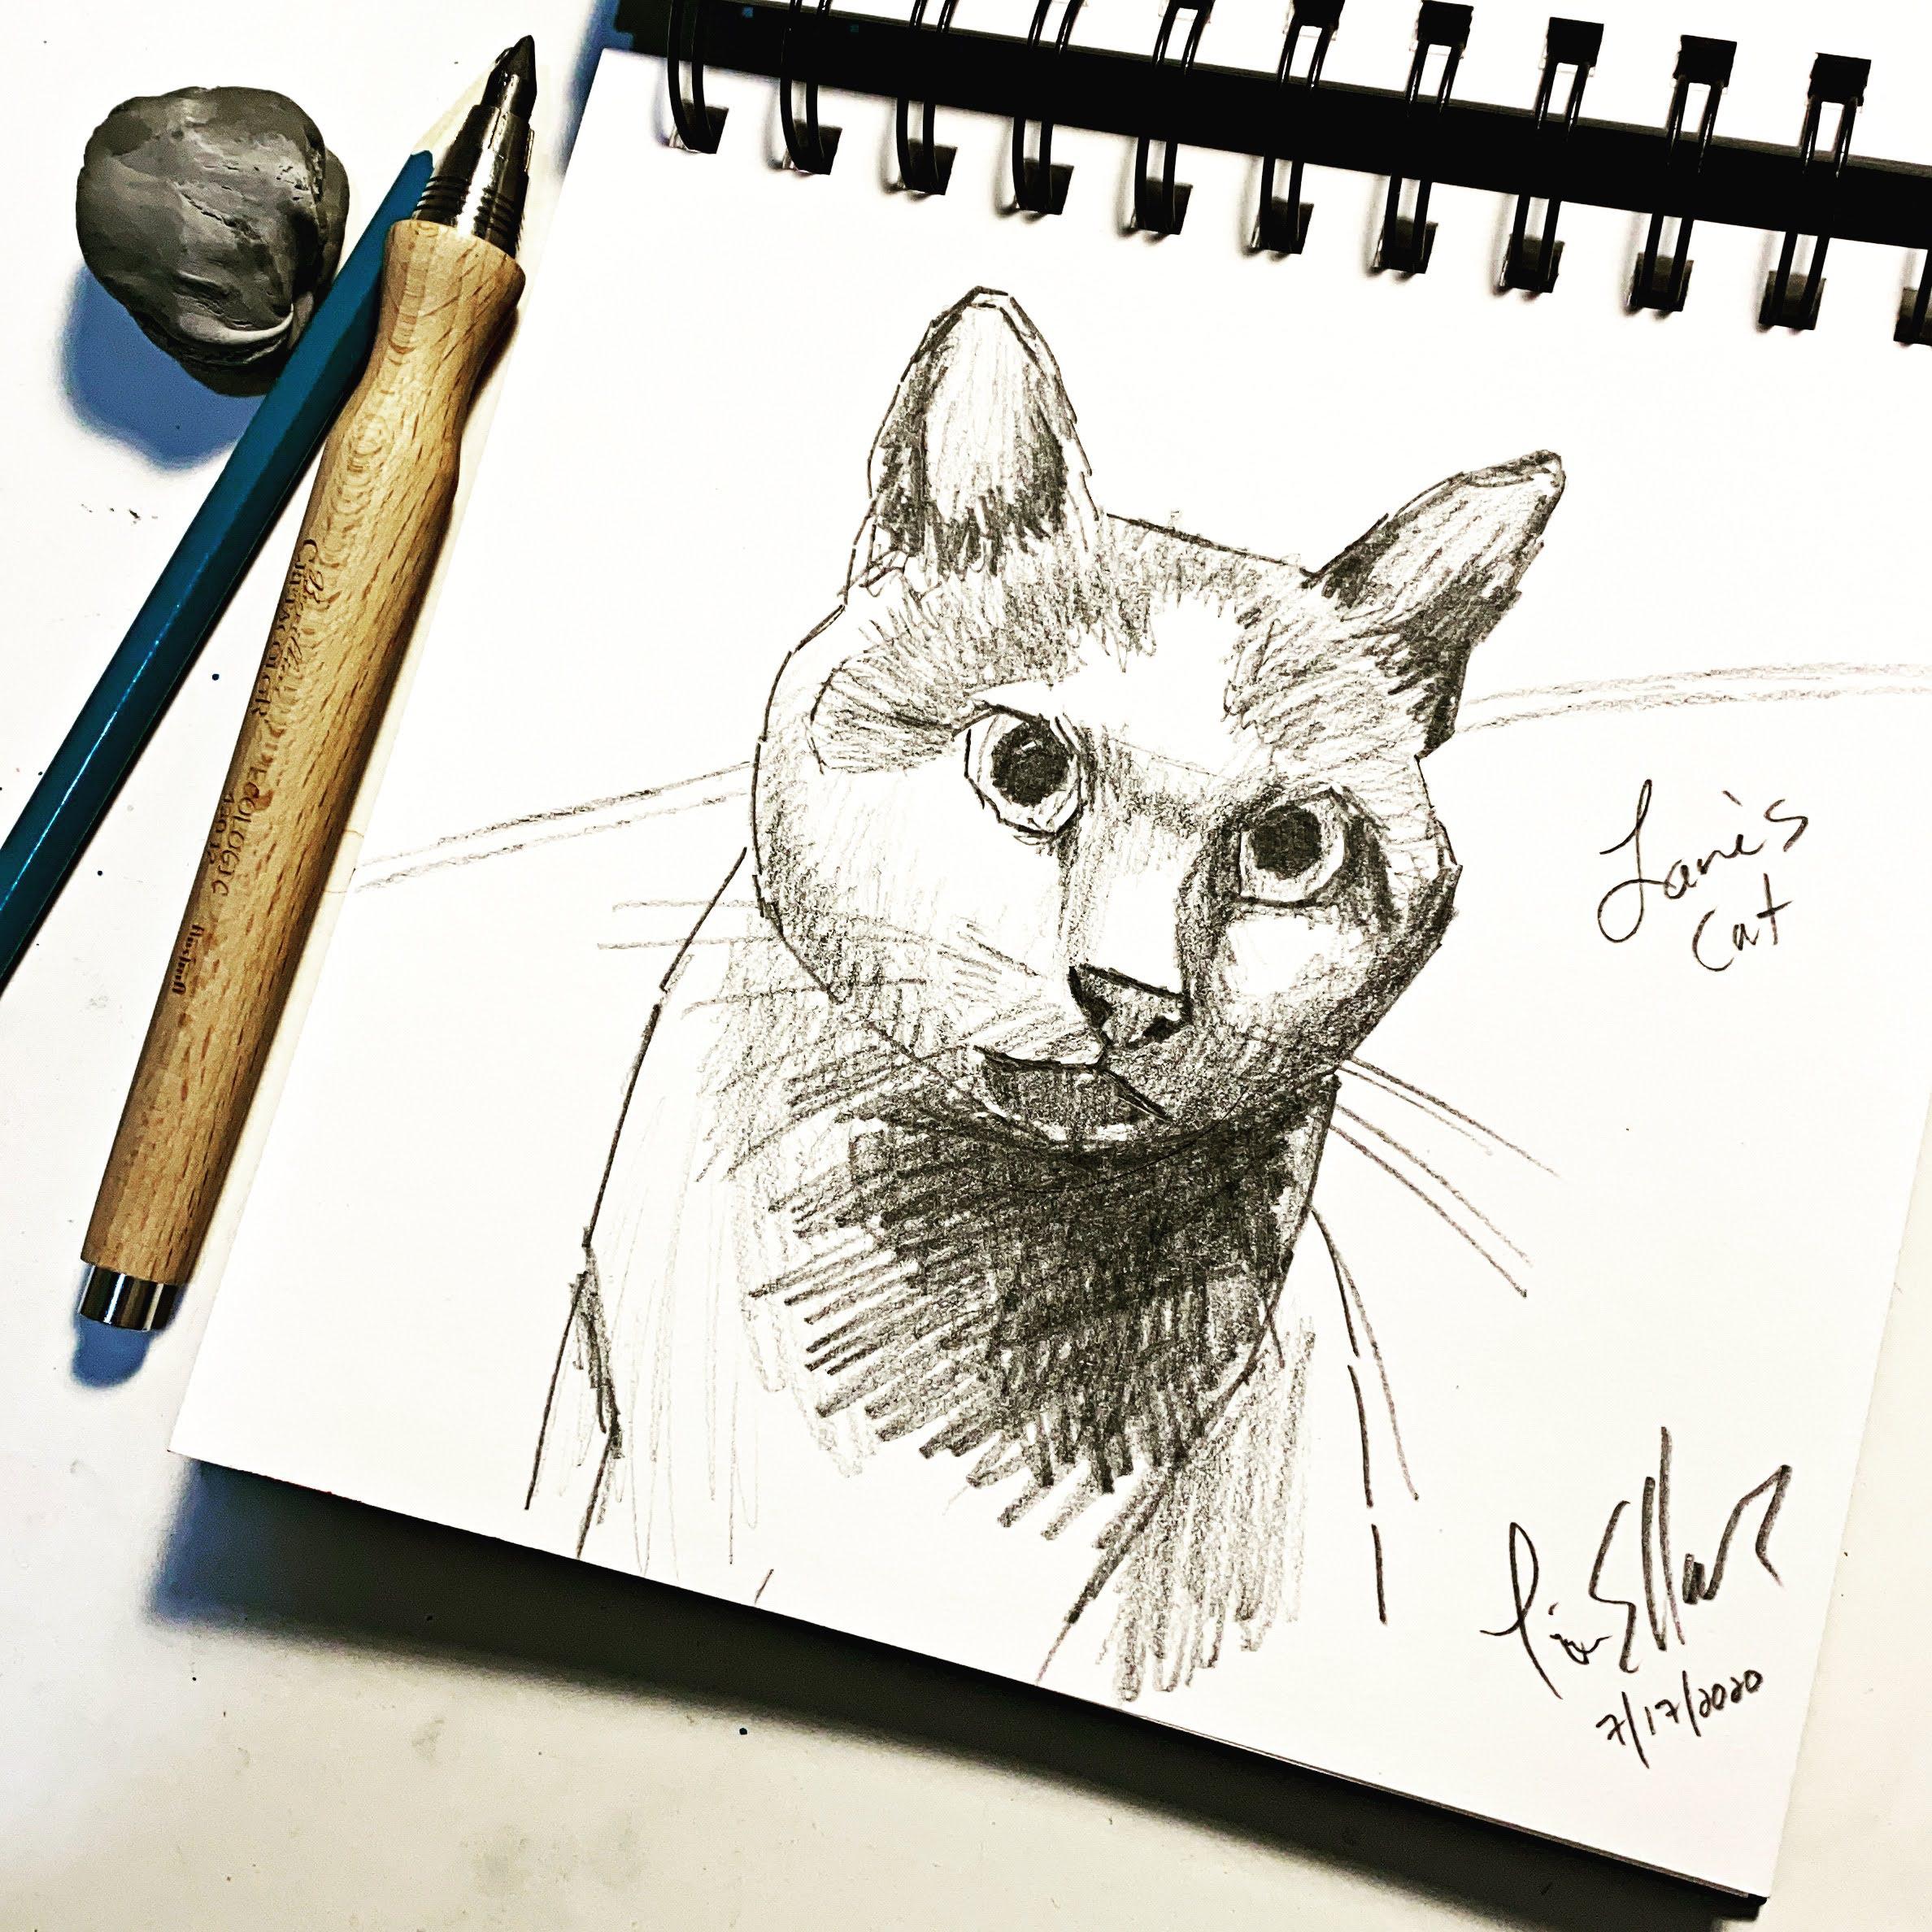 Lanes Cat